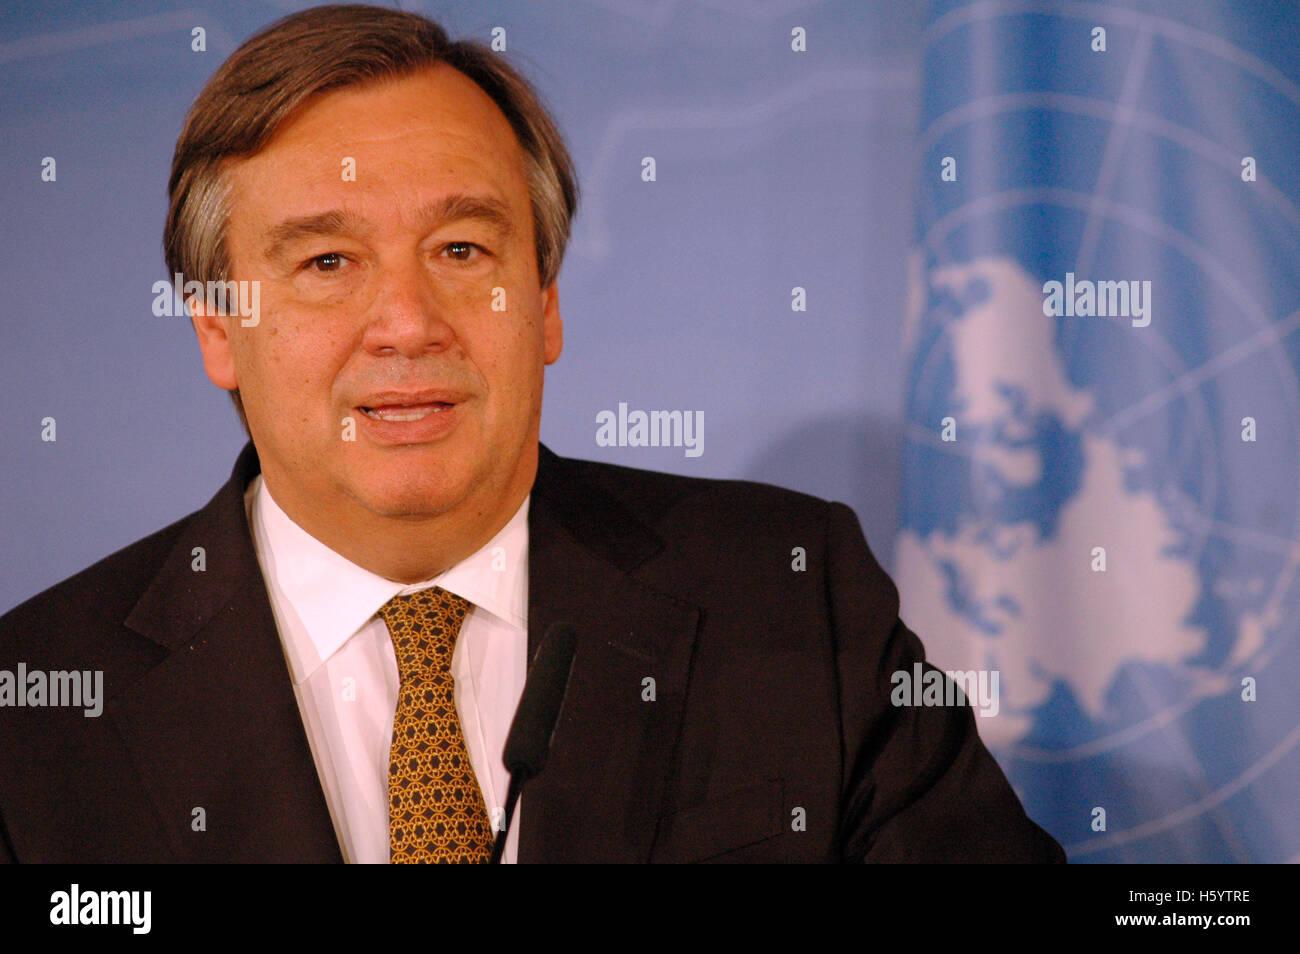 Antonio Guterres (Hochkommissar der Vereinten Nationen fuer Fluechtlingsfragen) - Treffen mit dem deutschen Aussenminister - Stock Image